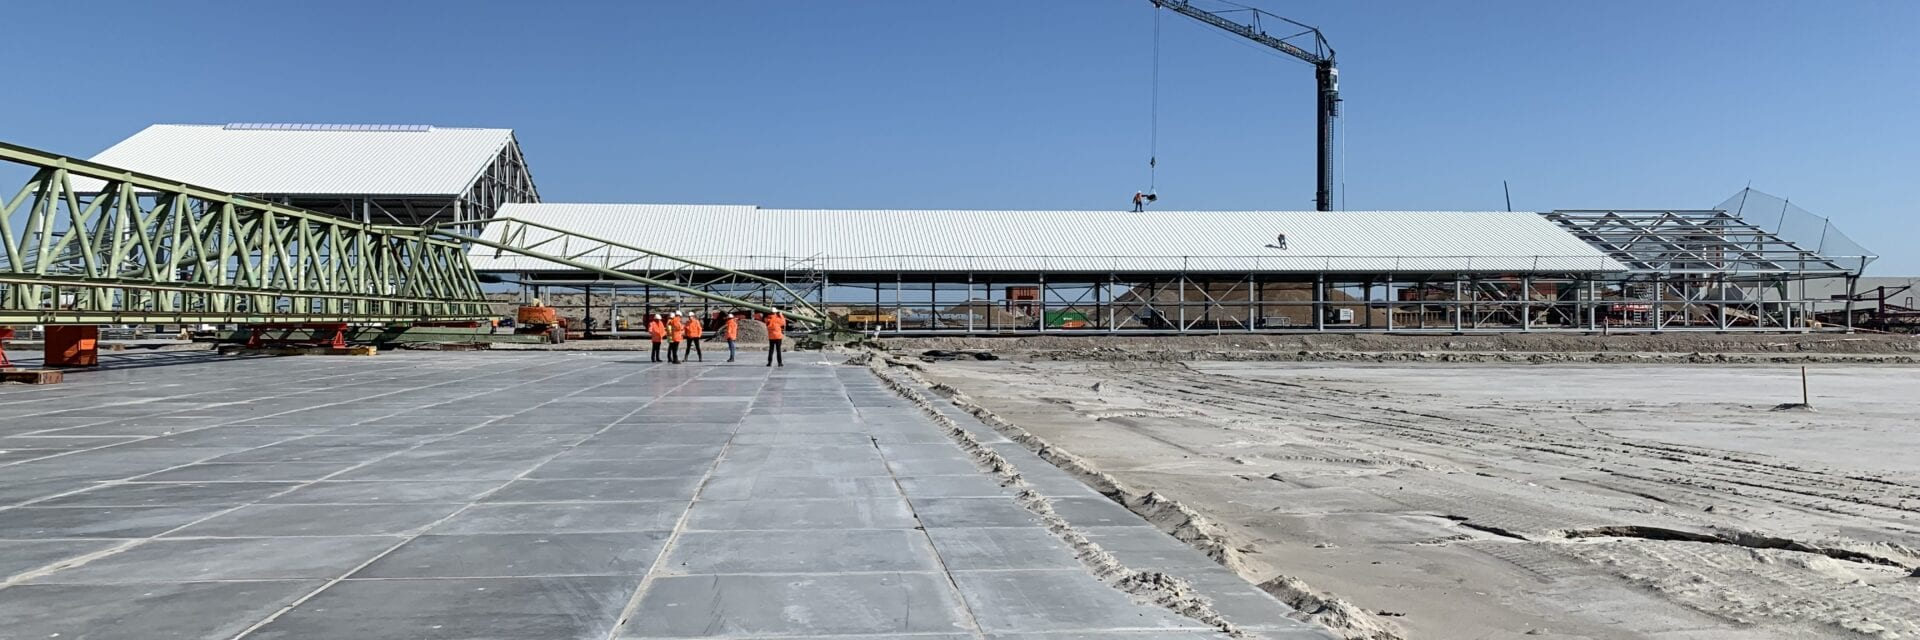 Bouw van de Levvel fabriek in Harlingen (maart 2019). Wij kijken uit over een werkterrein. Op de achtergrond zien we een grote loods met werkmensen en een hijskraan.